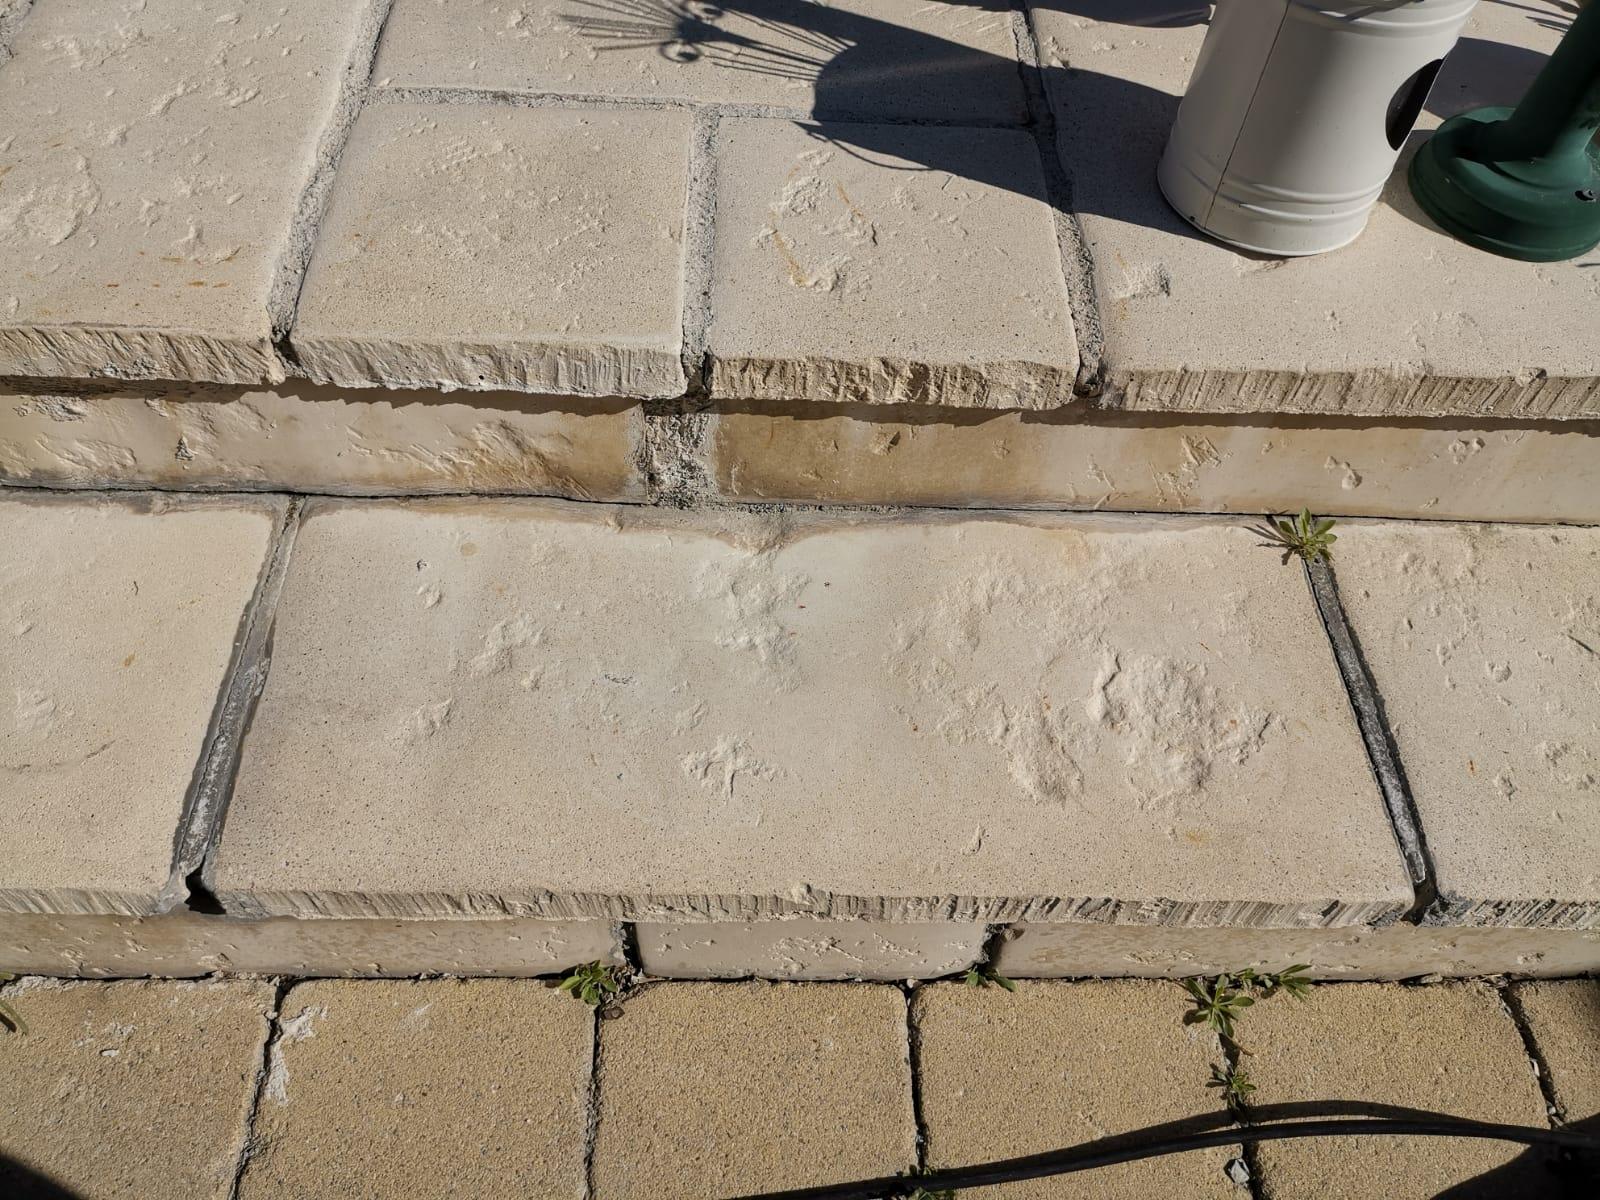 Stufenplatten nach dem Strahlen